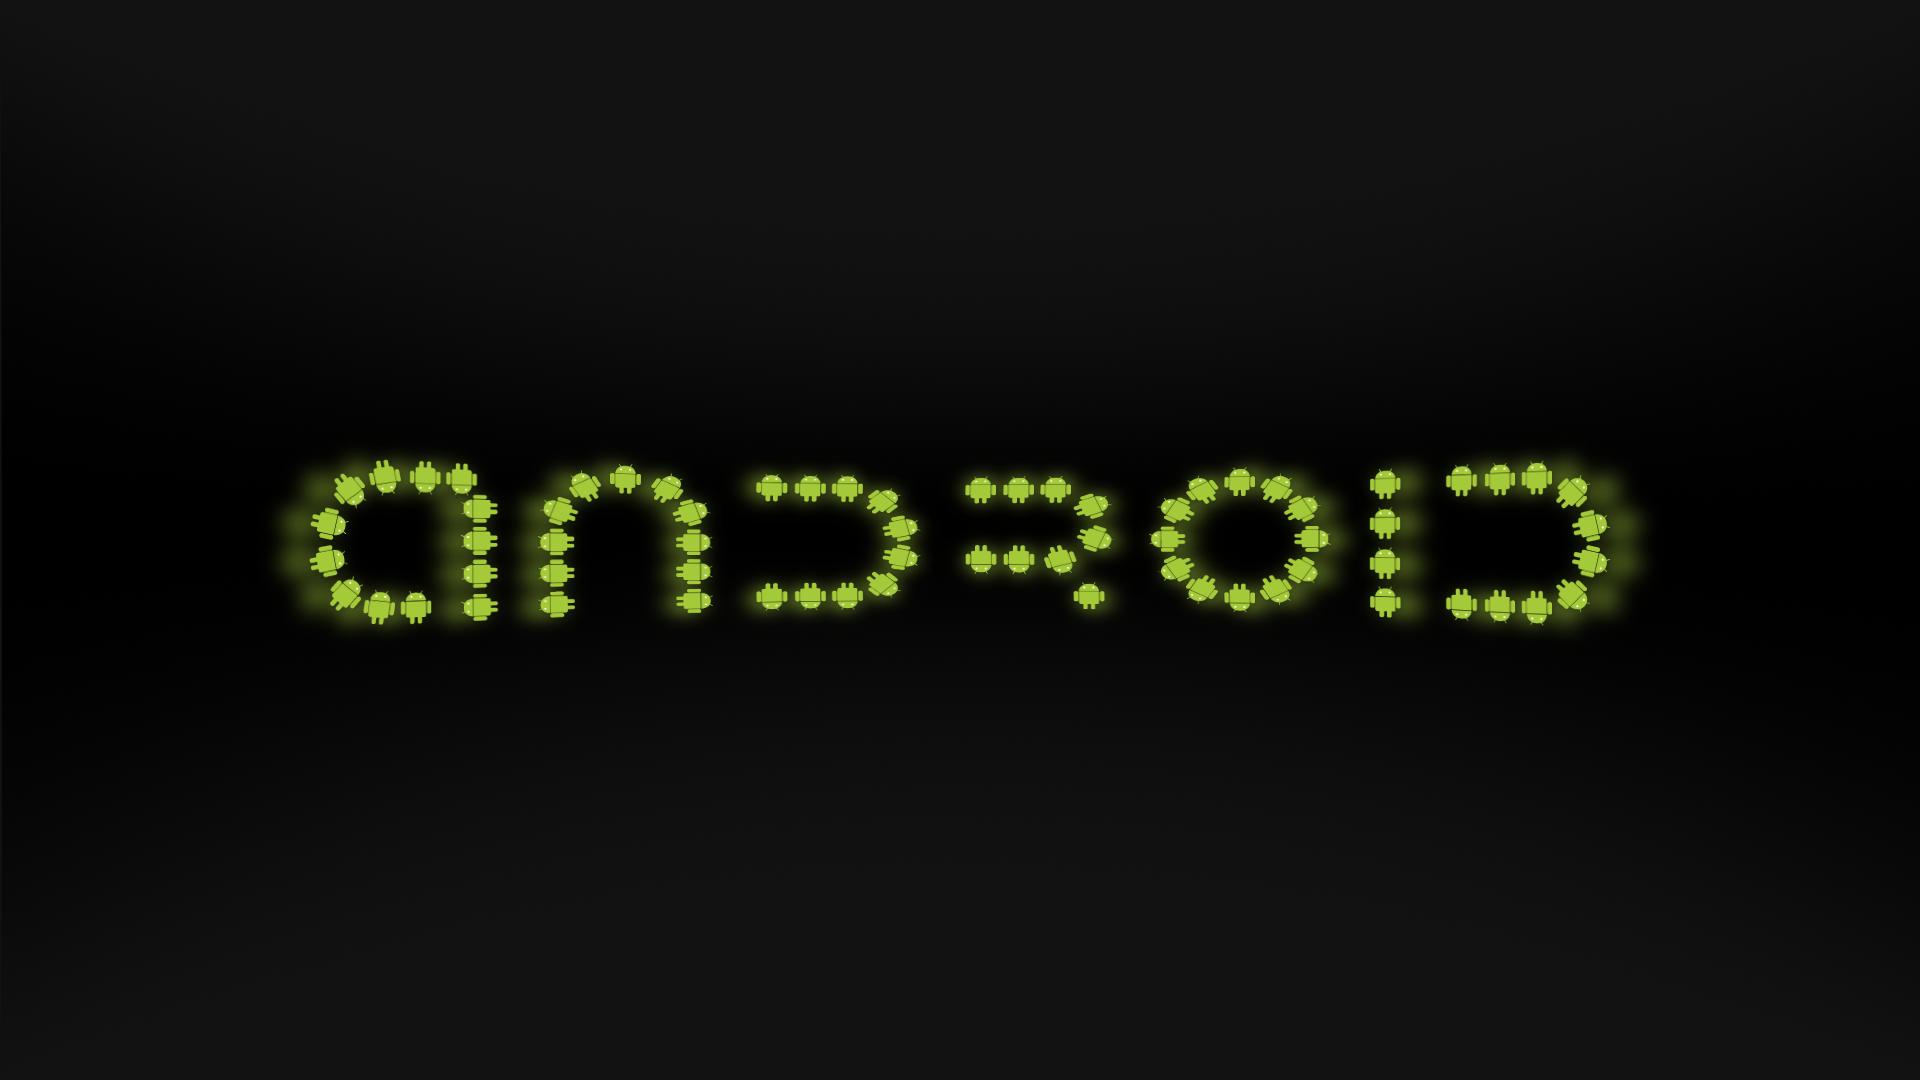 download Google Android HD Wallpapers 1920x1080 ImageBankbiz 1920x1080